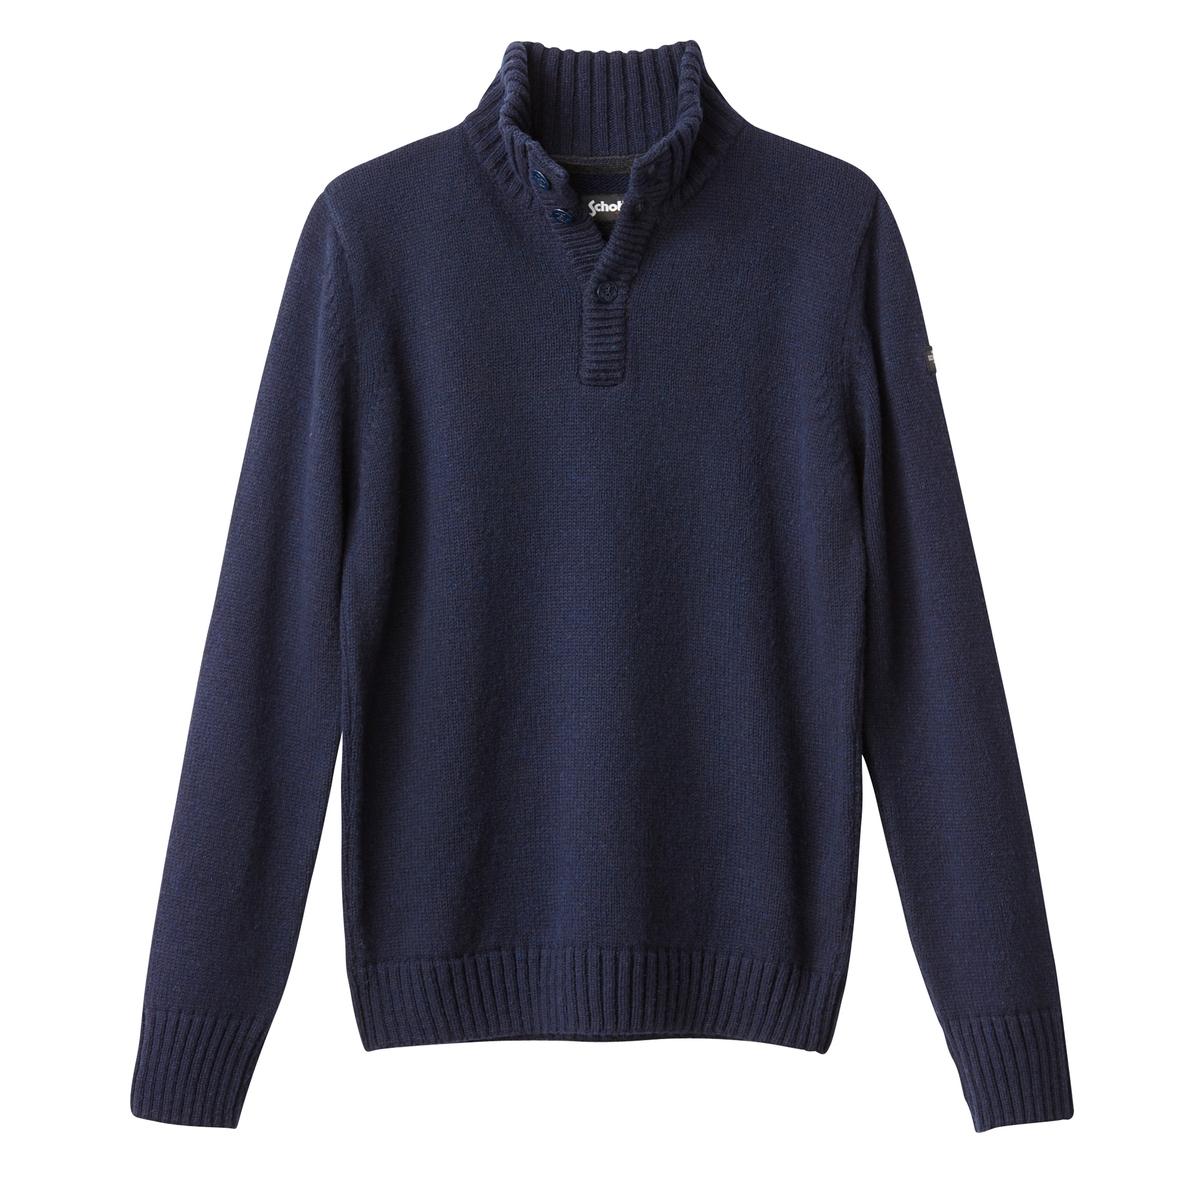 Пуловер крупной вязкиОписание:Детали  •  Длинные рукава  •  Воротник-стойка •  Плотный трикотаж Состав и уход  •  13% шерсти, 75% акрила, 12% полиамида  •  Следуйте советам по уходу, указанным на этикетке<br><br>Цвет: синий морской<br>Размер: 3XL